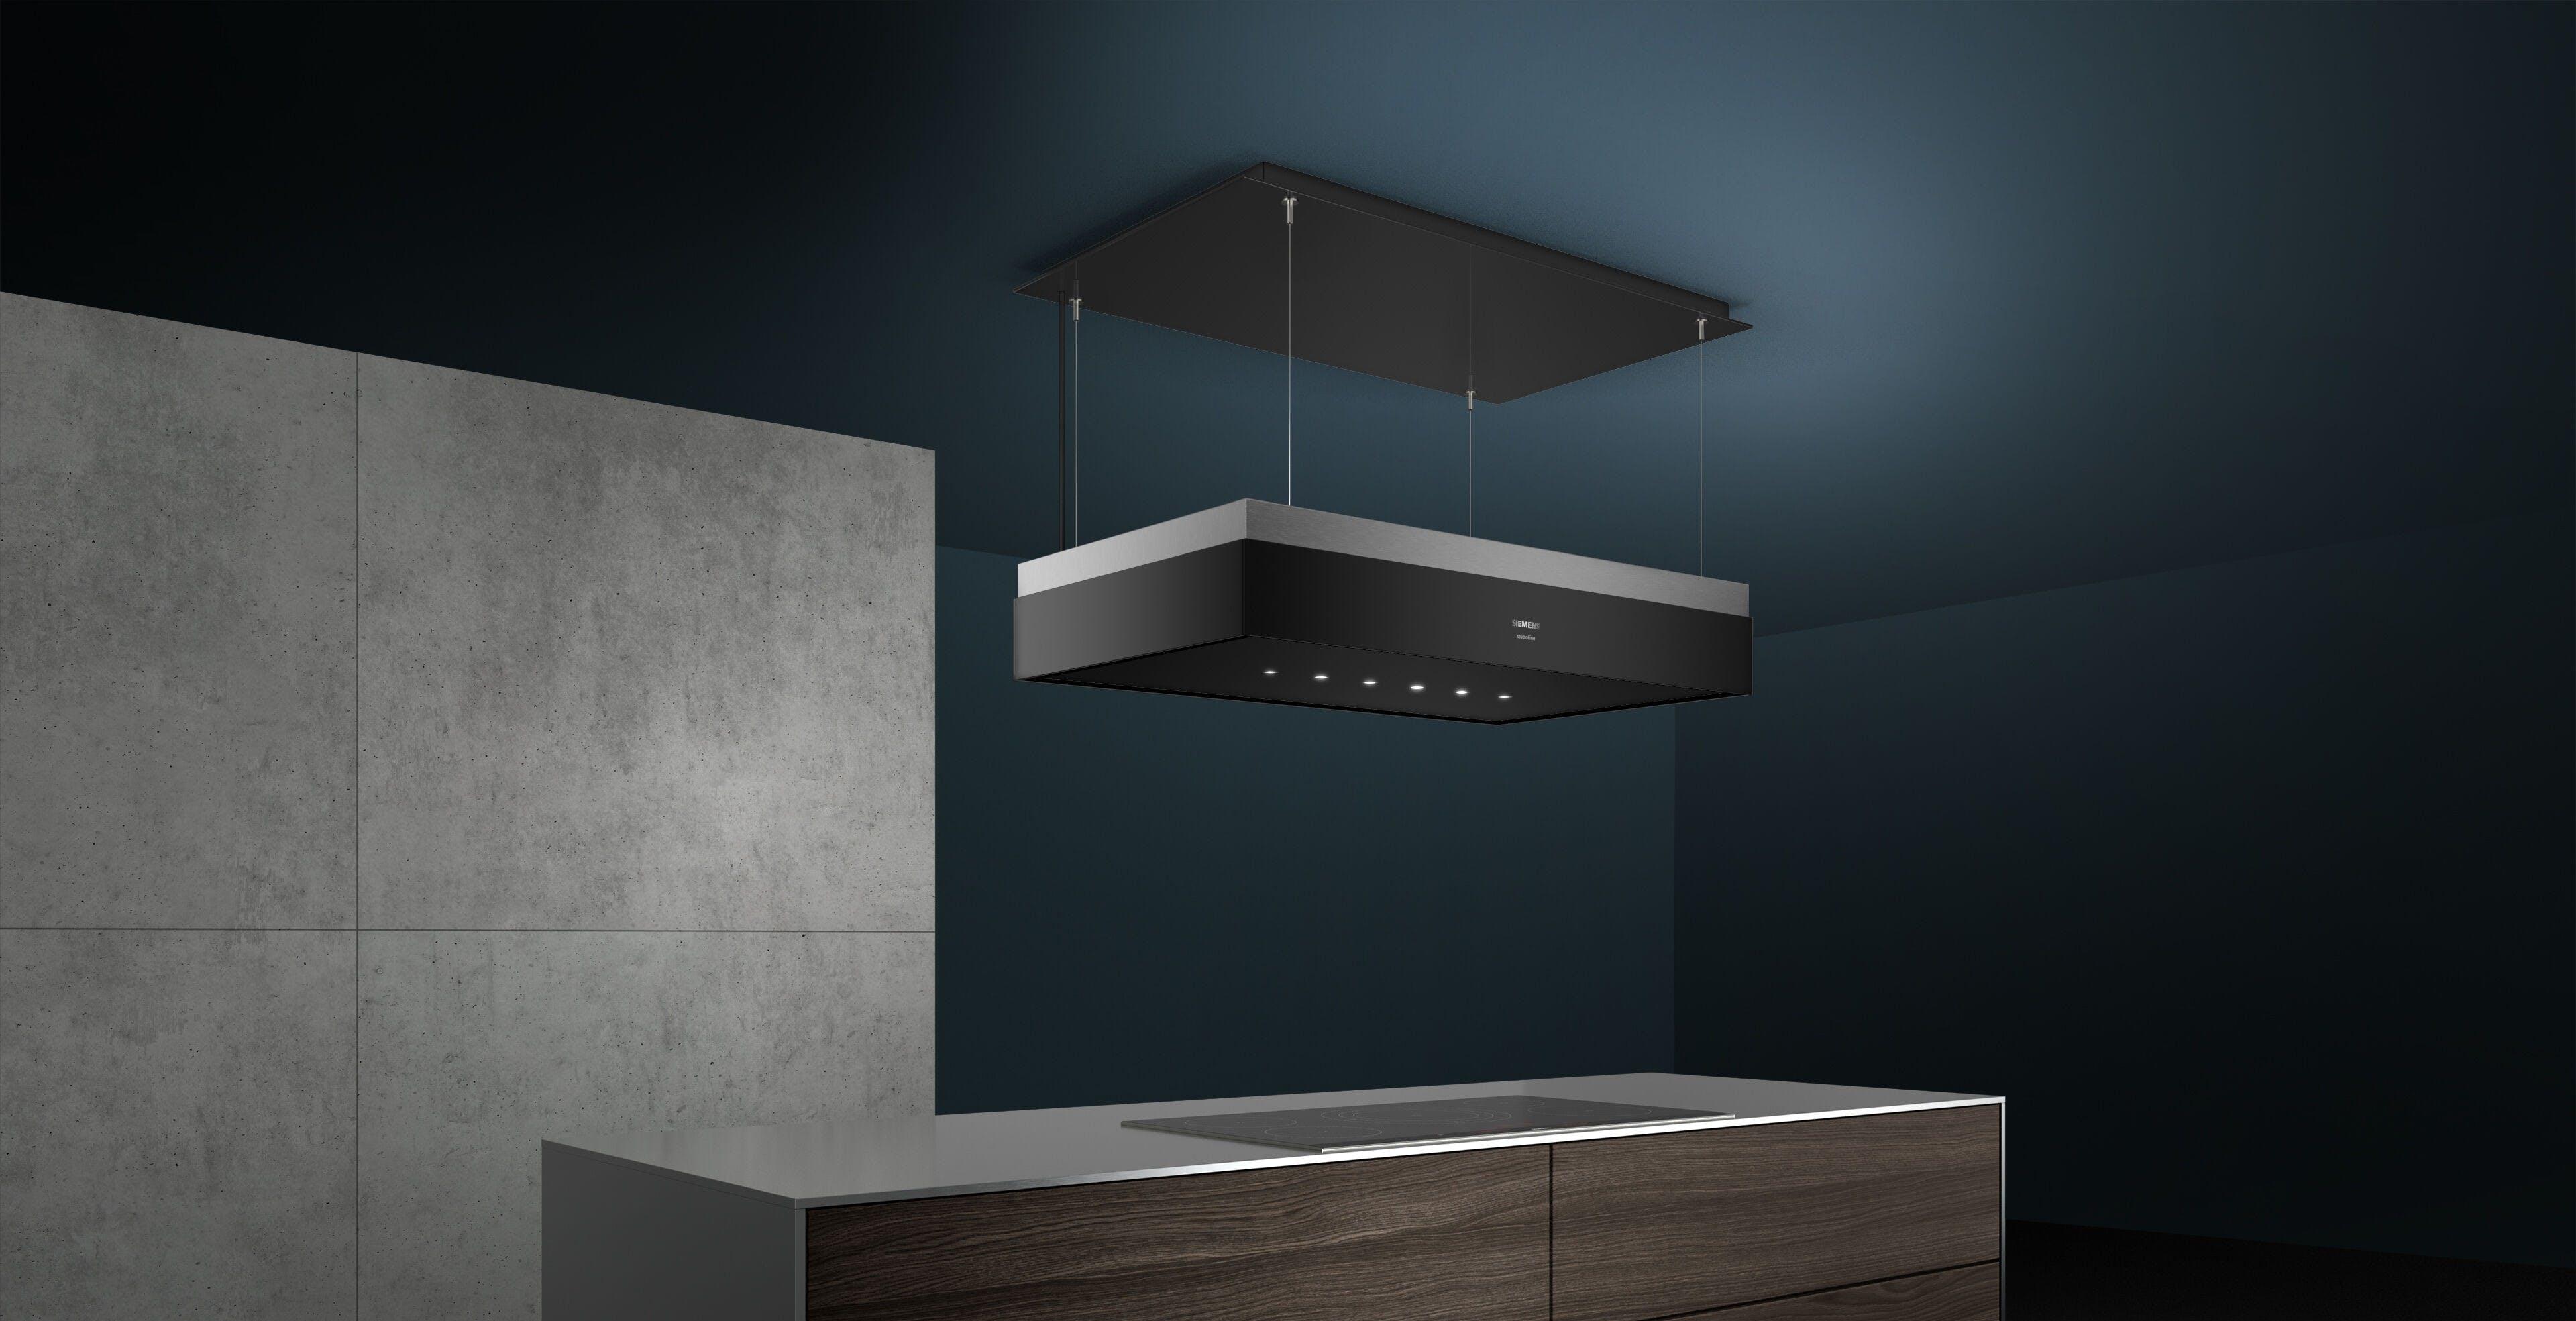 Piani induzione con cappa integrata e forni con cottura a vapore. Le novità della cucina hi-tech di Siemens